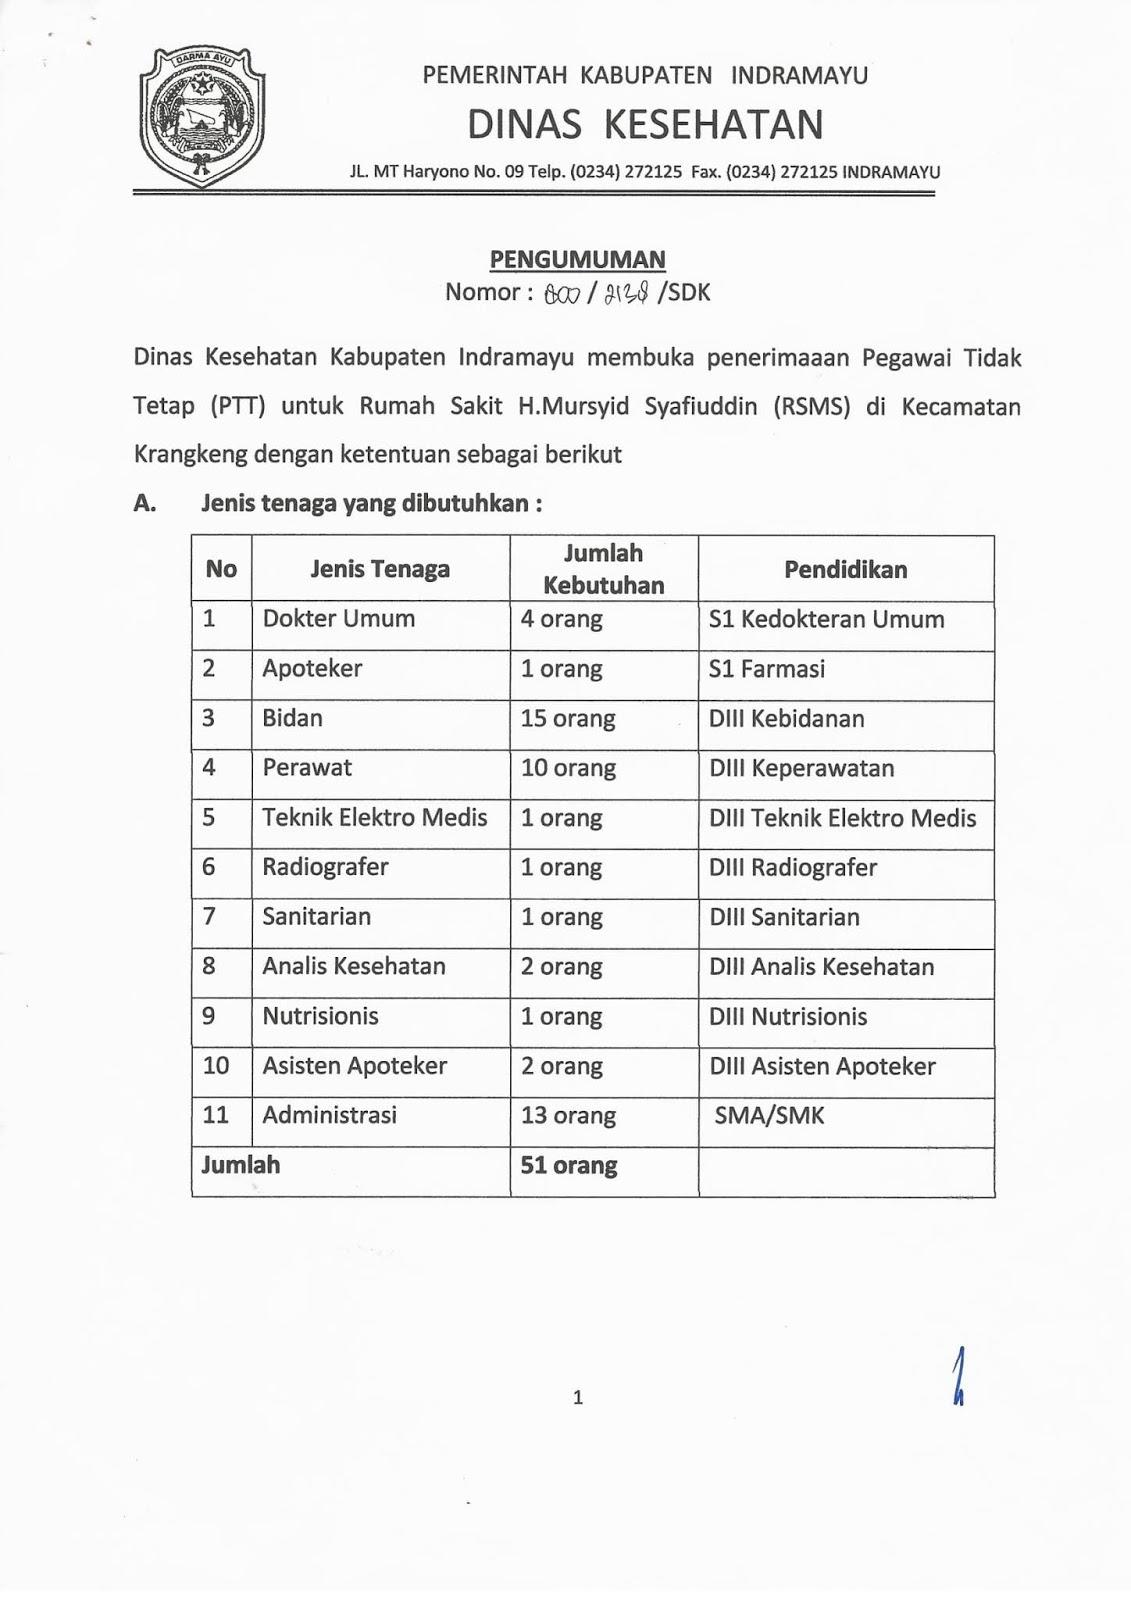 Lowongan Kerja  Rekrutmen PTT Dinas Kesehatan Kabupaten Indramayu [51 Formasi]  Oktober 2018